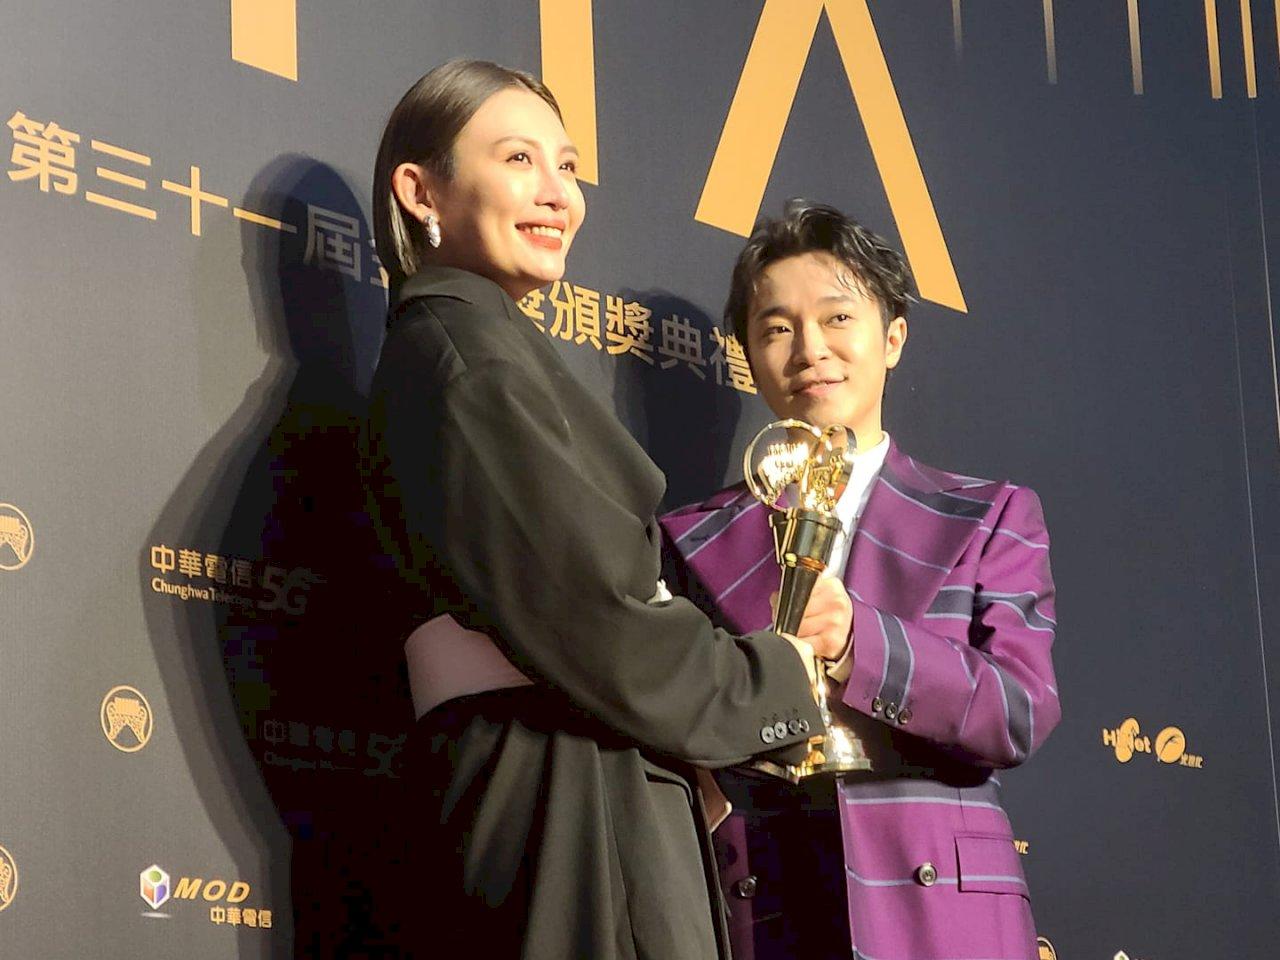 金曲31/吳青峰、魏如萱登歌王歌后  阿爆摘3獎大贏家